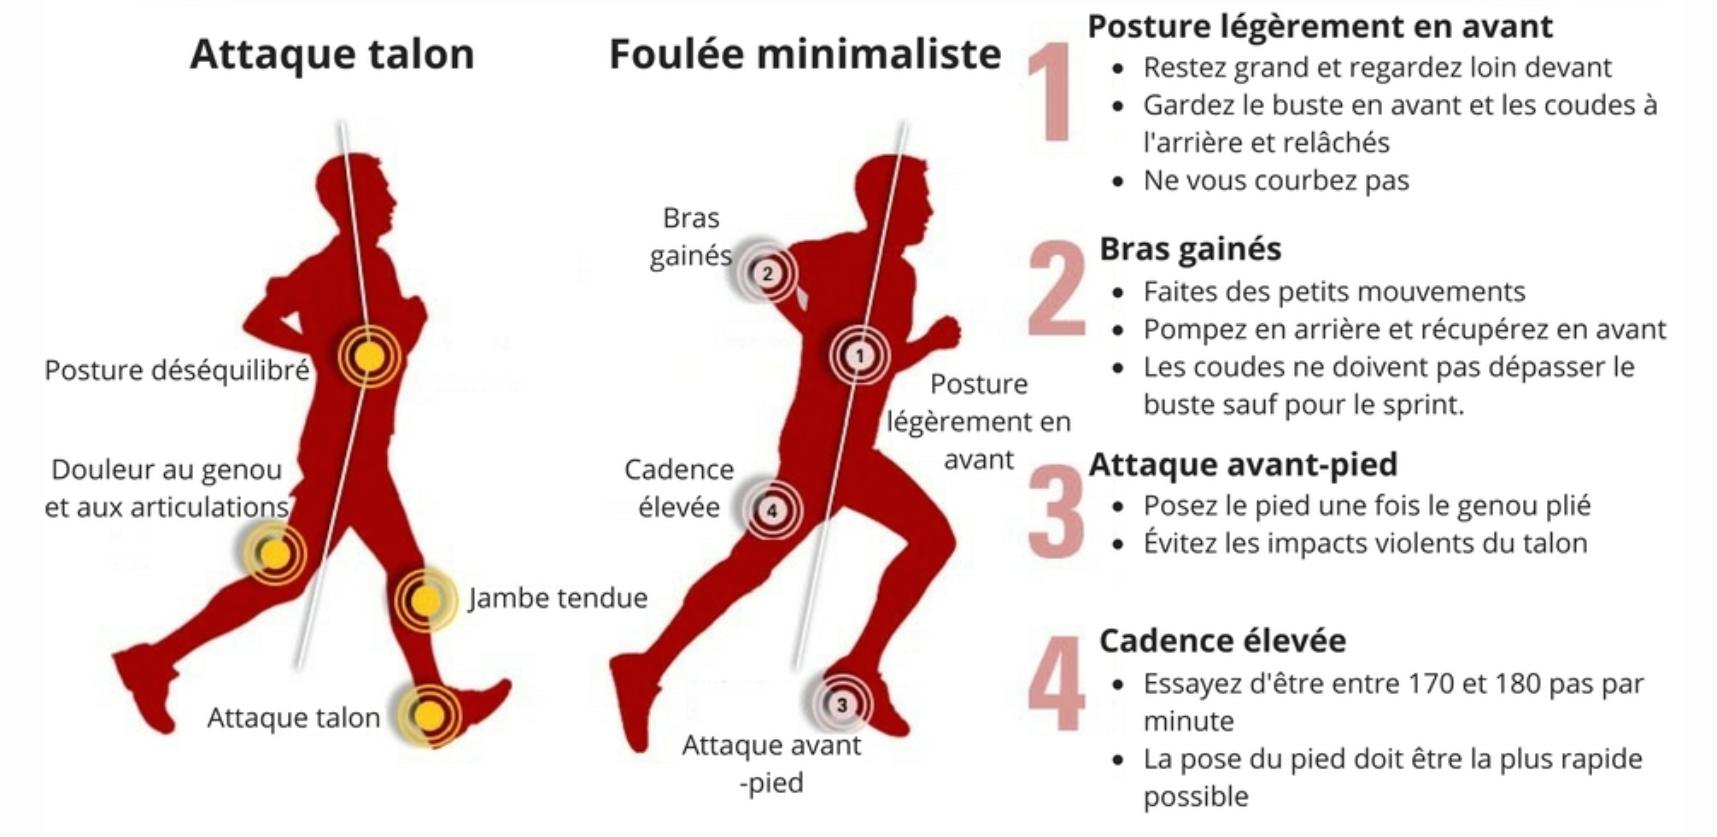 bc5b1f5c12b42 La transition vers la course minimaliste (course naturelle) - 5doigts